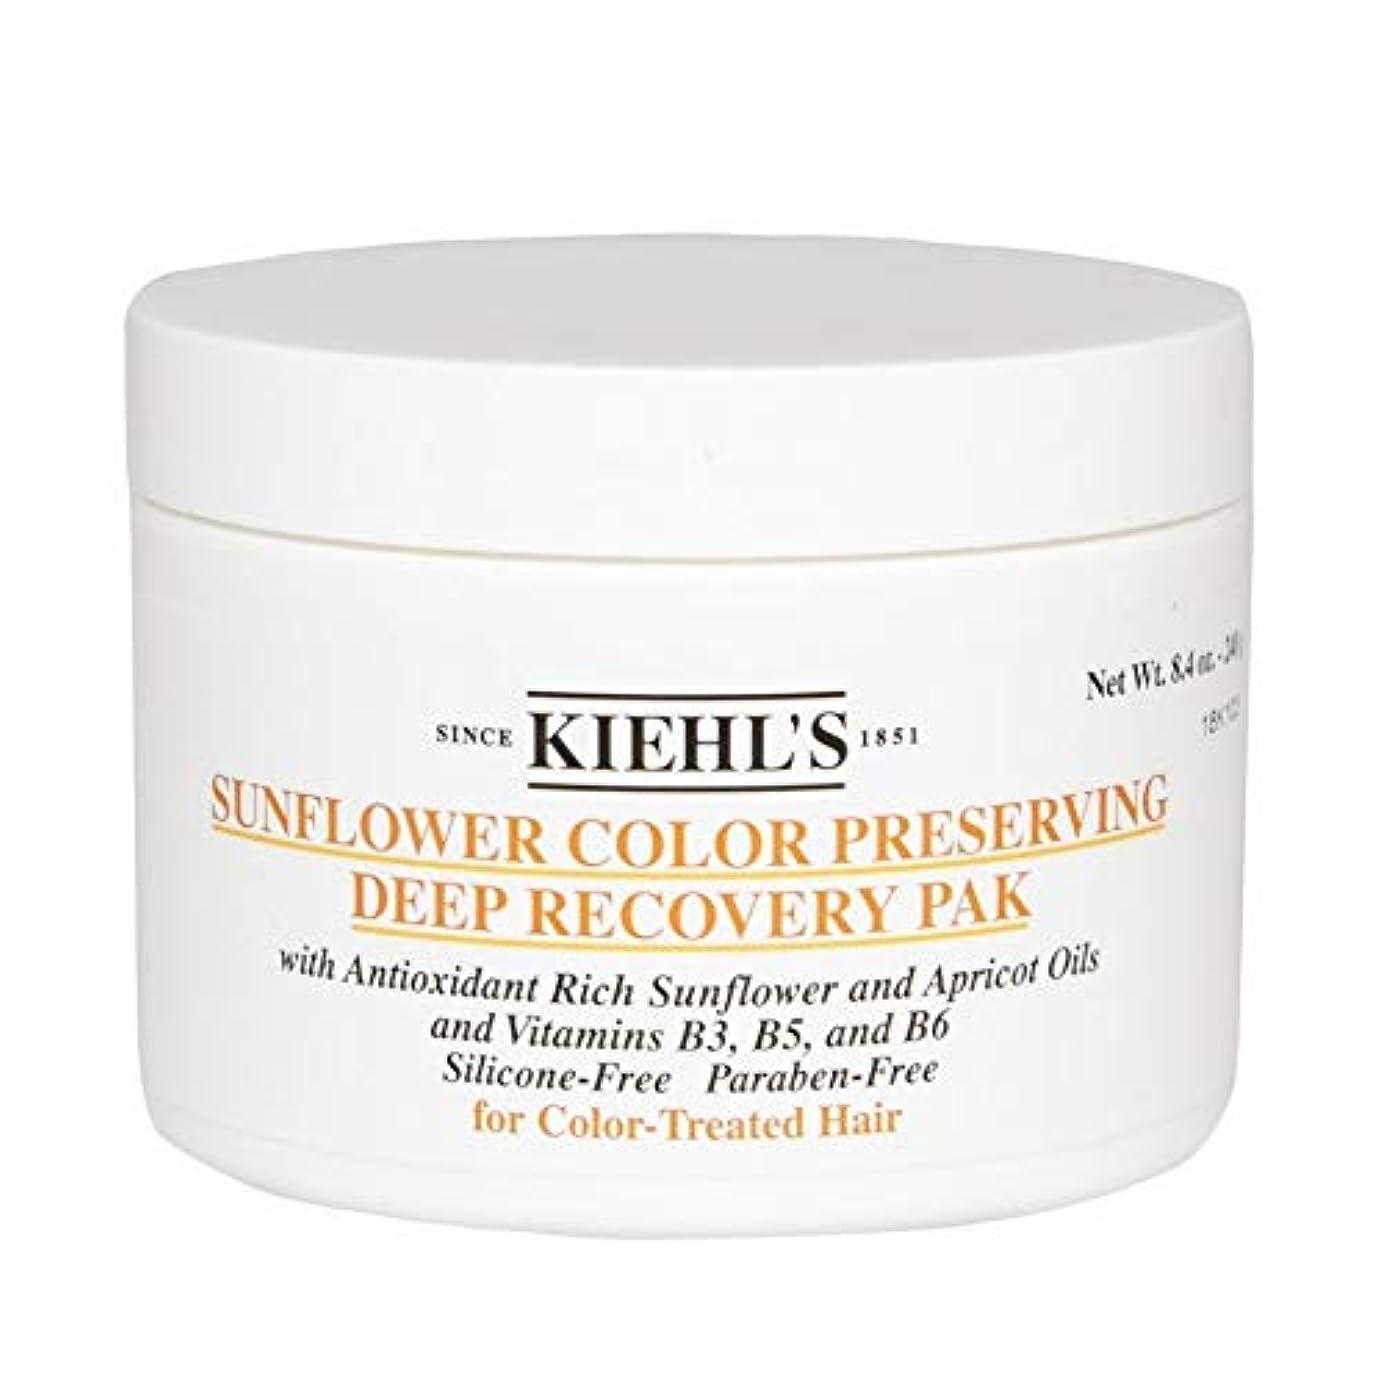 パイプうなるトピック[Kiehl's ] キールズひまわり色保存深い回復Pak 250グラム - Kiehl's Sunflower Colour Preserving Deep Recovery Pak 250g [並行輸入品]